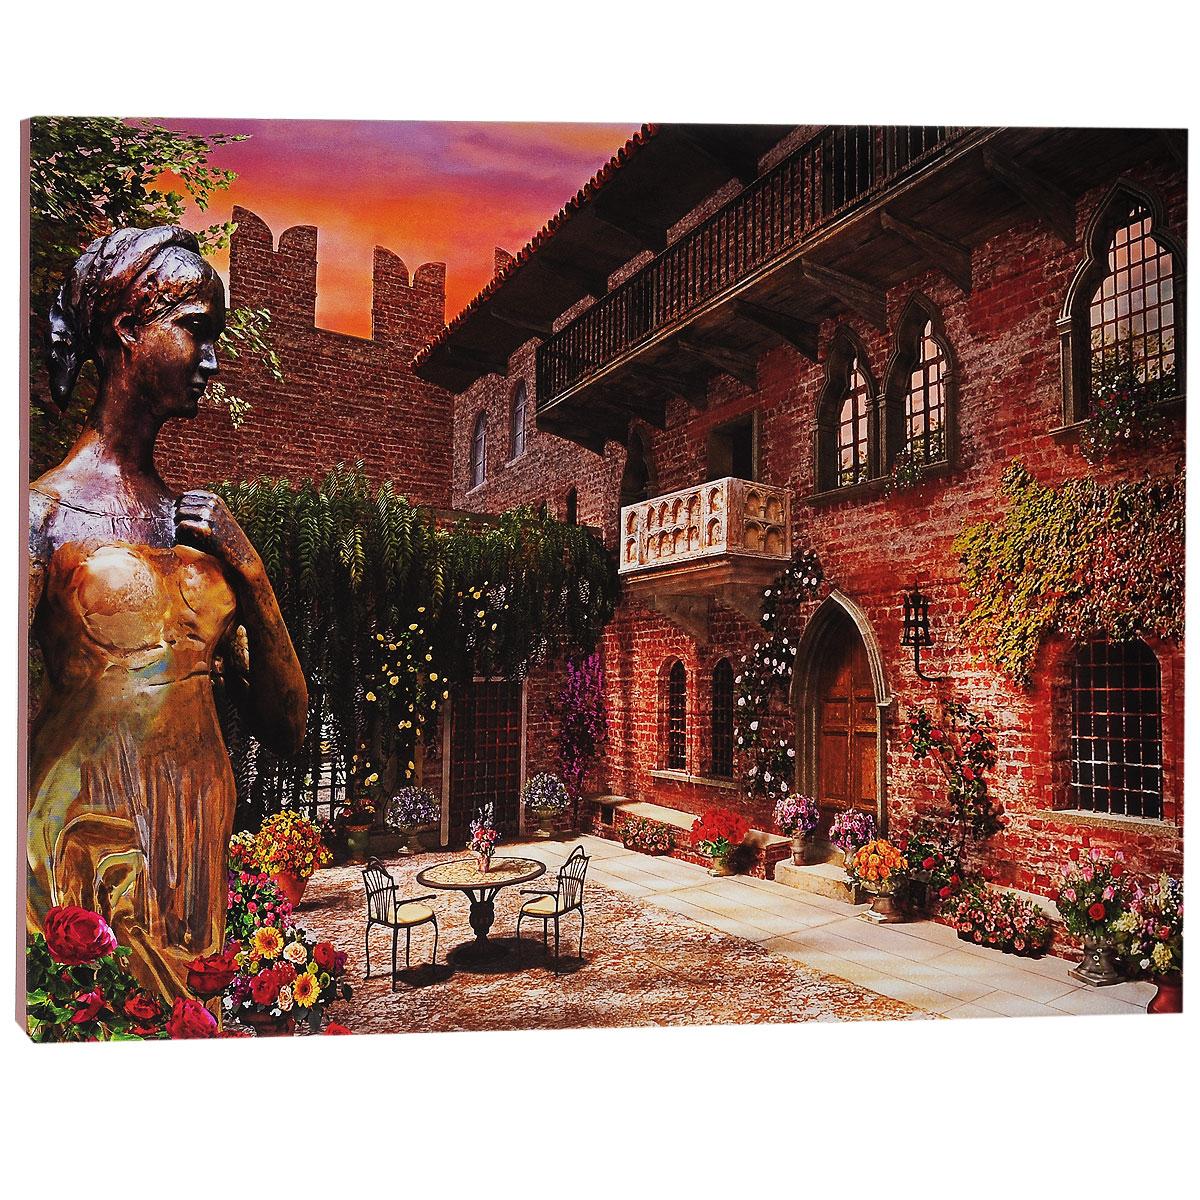 КвикДекор Картина на холсте Верона Джульетты, 60 см х 40 смБрелок для сумкиКартина на холсте КвикДекор Верона Джульетты - это прекрасное украшение для вашей гостиной или спальни. Она привнесет в интерьер яркий акцент и сделает обстановку комфортной и уютной. Доминик Дэвисон создает свои картины, используя компьютер и 3D-графику. Большое влияние на творчество Дэвисона оказал голландский пейзажист Баренд Корнелис Куккук, именно поэтому в его работах преобладают эстетические мотивы голландской романтической школы. Доминик создает изумительные картины коттеджей, сельских пейзажей и городов. Его работы красивы, выдержаны и обогащены множеством деталей. Работы Доминика опубликованы в журналах 3Д Художники и Фотошоп для продвинутых, также он ведет регулярную рубрику (колонку) в журнале 3Д Художники. Доминик - мастер Vue, программы, широко используемой в архитектуре, анимации, и являющейся важнейшим компонентом рабочего процесса для многих ведущих компаний и студий. Картина на холсте КвикДекор Верона Джульетты не нуждается в рамке или багете - галерейная натяжка холста на подрамники выполнена очень аккуратно, а боковые части картины запечатаны продолжением картинки либо тоновой заливкой. На обратной стороне подрамника есть отверстие, благодаря которому картину можно легко закрепить на стене, и подкорректировать ее положение. Картина на холсте Верона Джульетты художника Доминика Дэвисона станет отличным украшением для вашего интерьера!